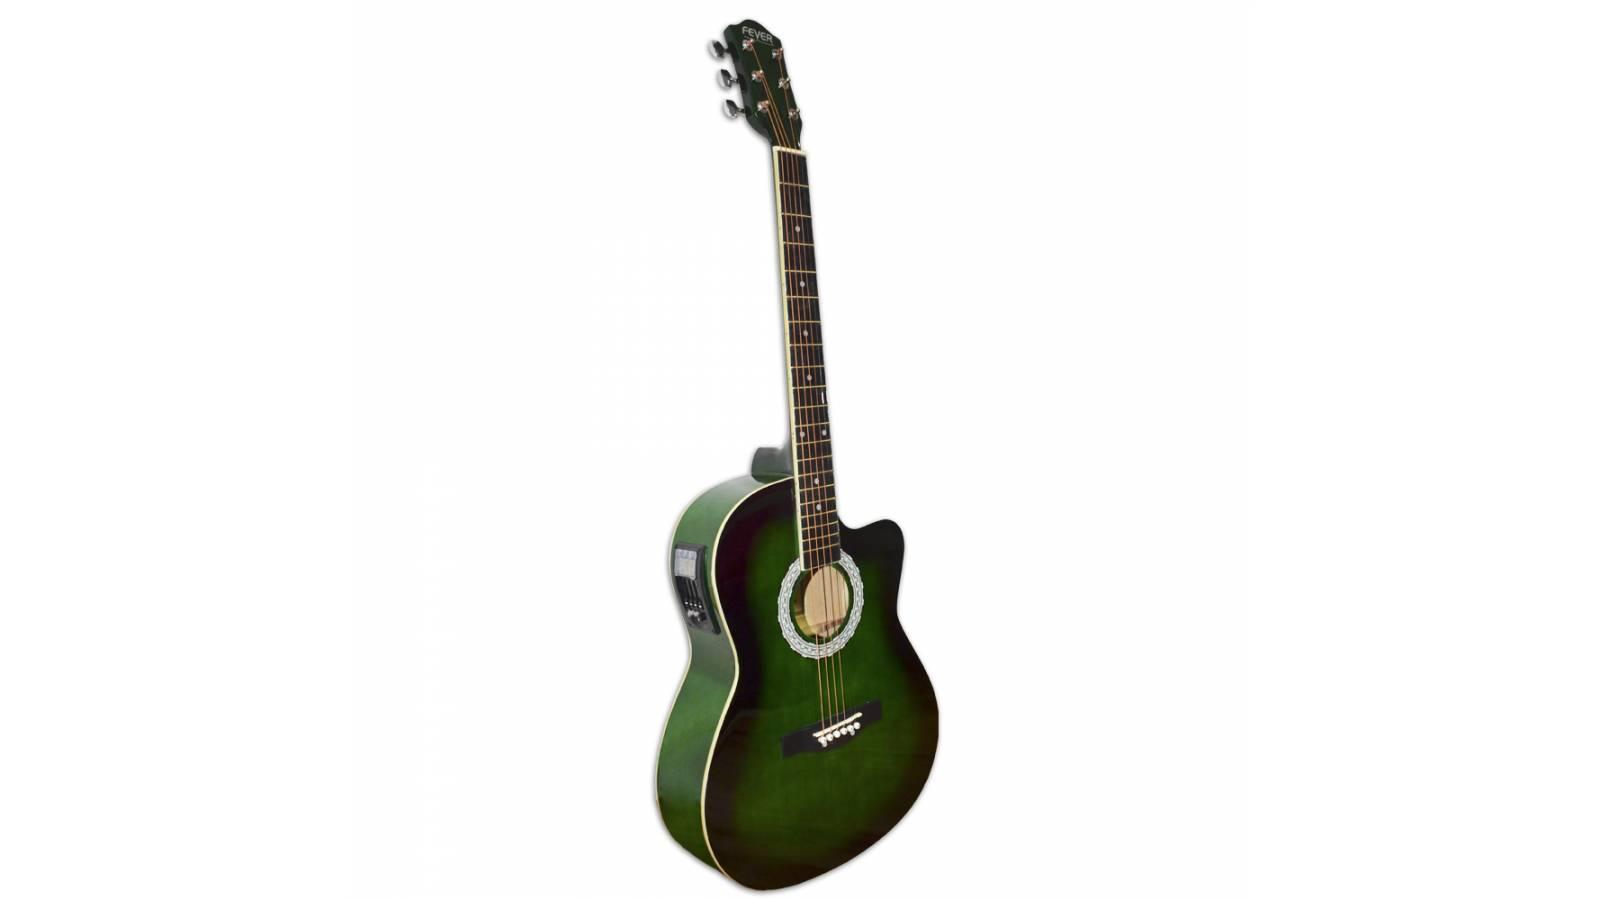 Guitarra Electro Acústica Fever, Cuerdas de Acero, Afinador Digital  FEV-39EQA